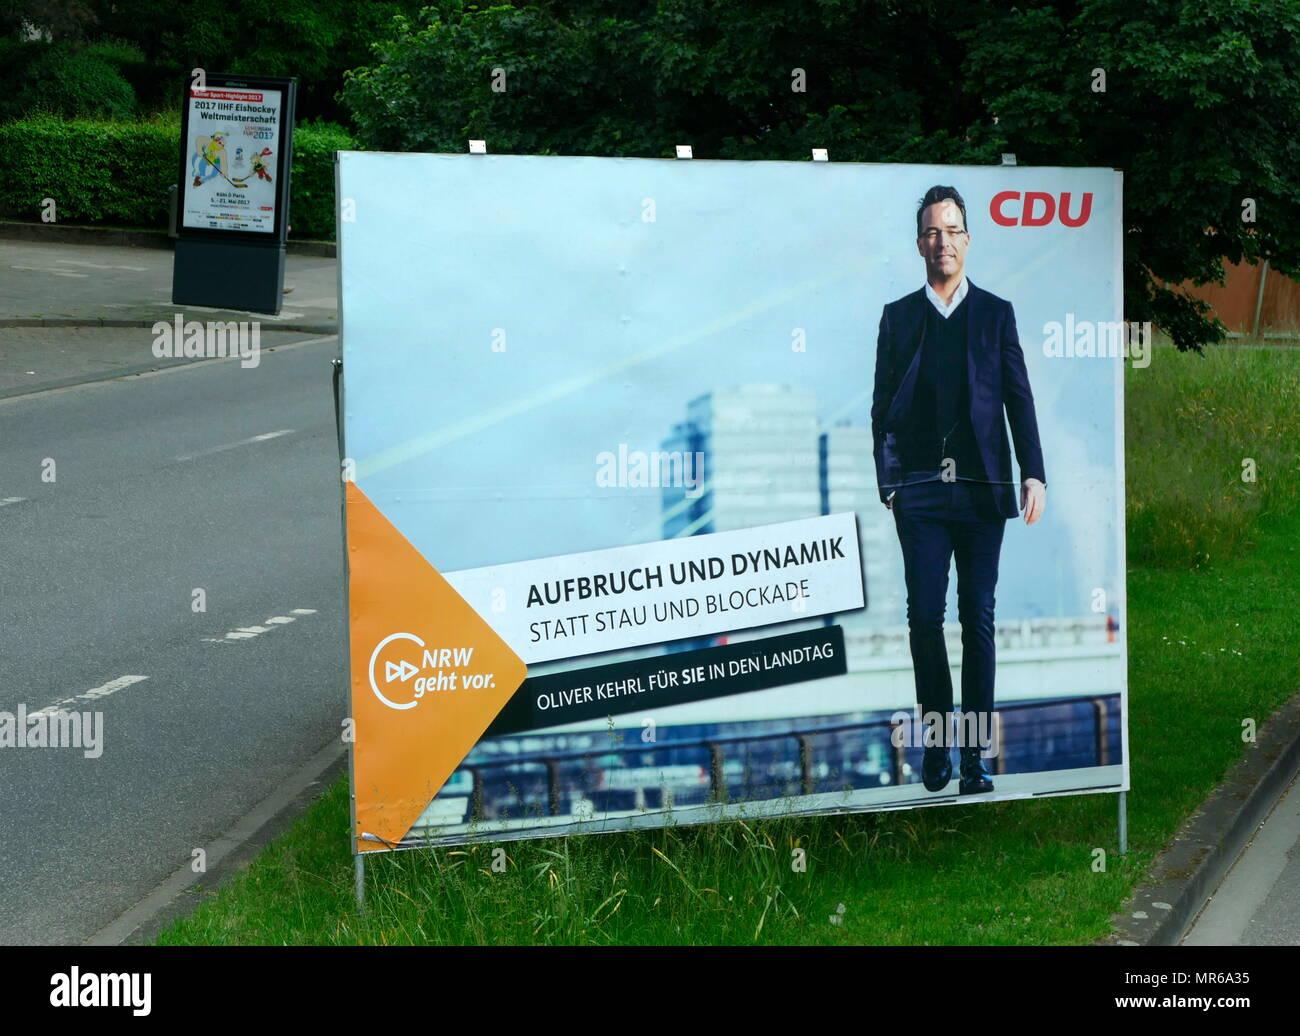 Poster per il CDU candidato del partito, Oliver Kehrl, durante la Renania settentrionale-Vestfalia membro elezione, Colonia. Maggio 2017 Immagini Stock